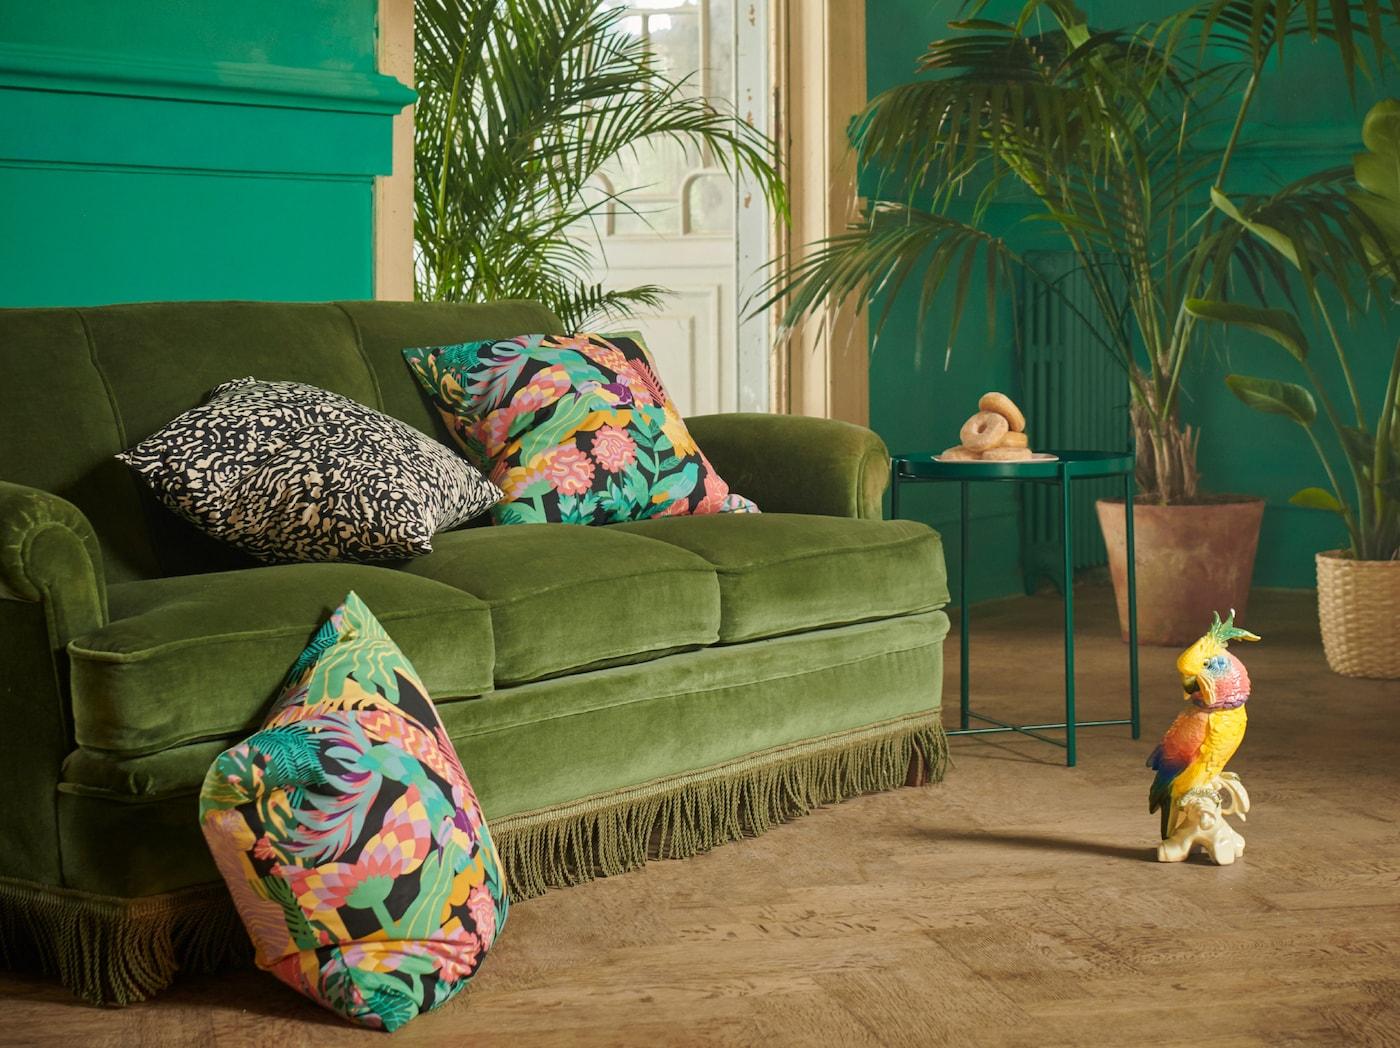 Die NÄBBFLY und GRIMHILD Kissenbezüge sind mit exotischen Mustern versehen und hier in einem grün eingerichteten Wohnzimmer mit Zimmerpflanzen zu sehen.